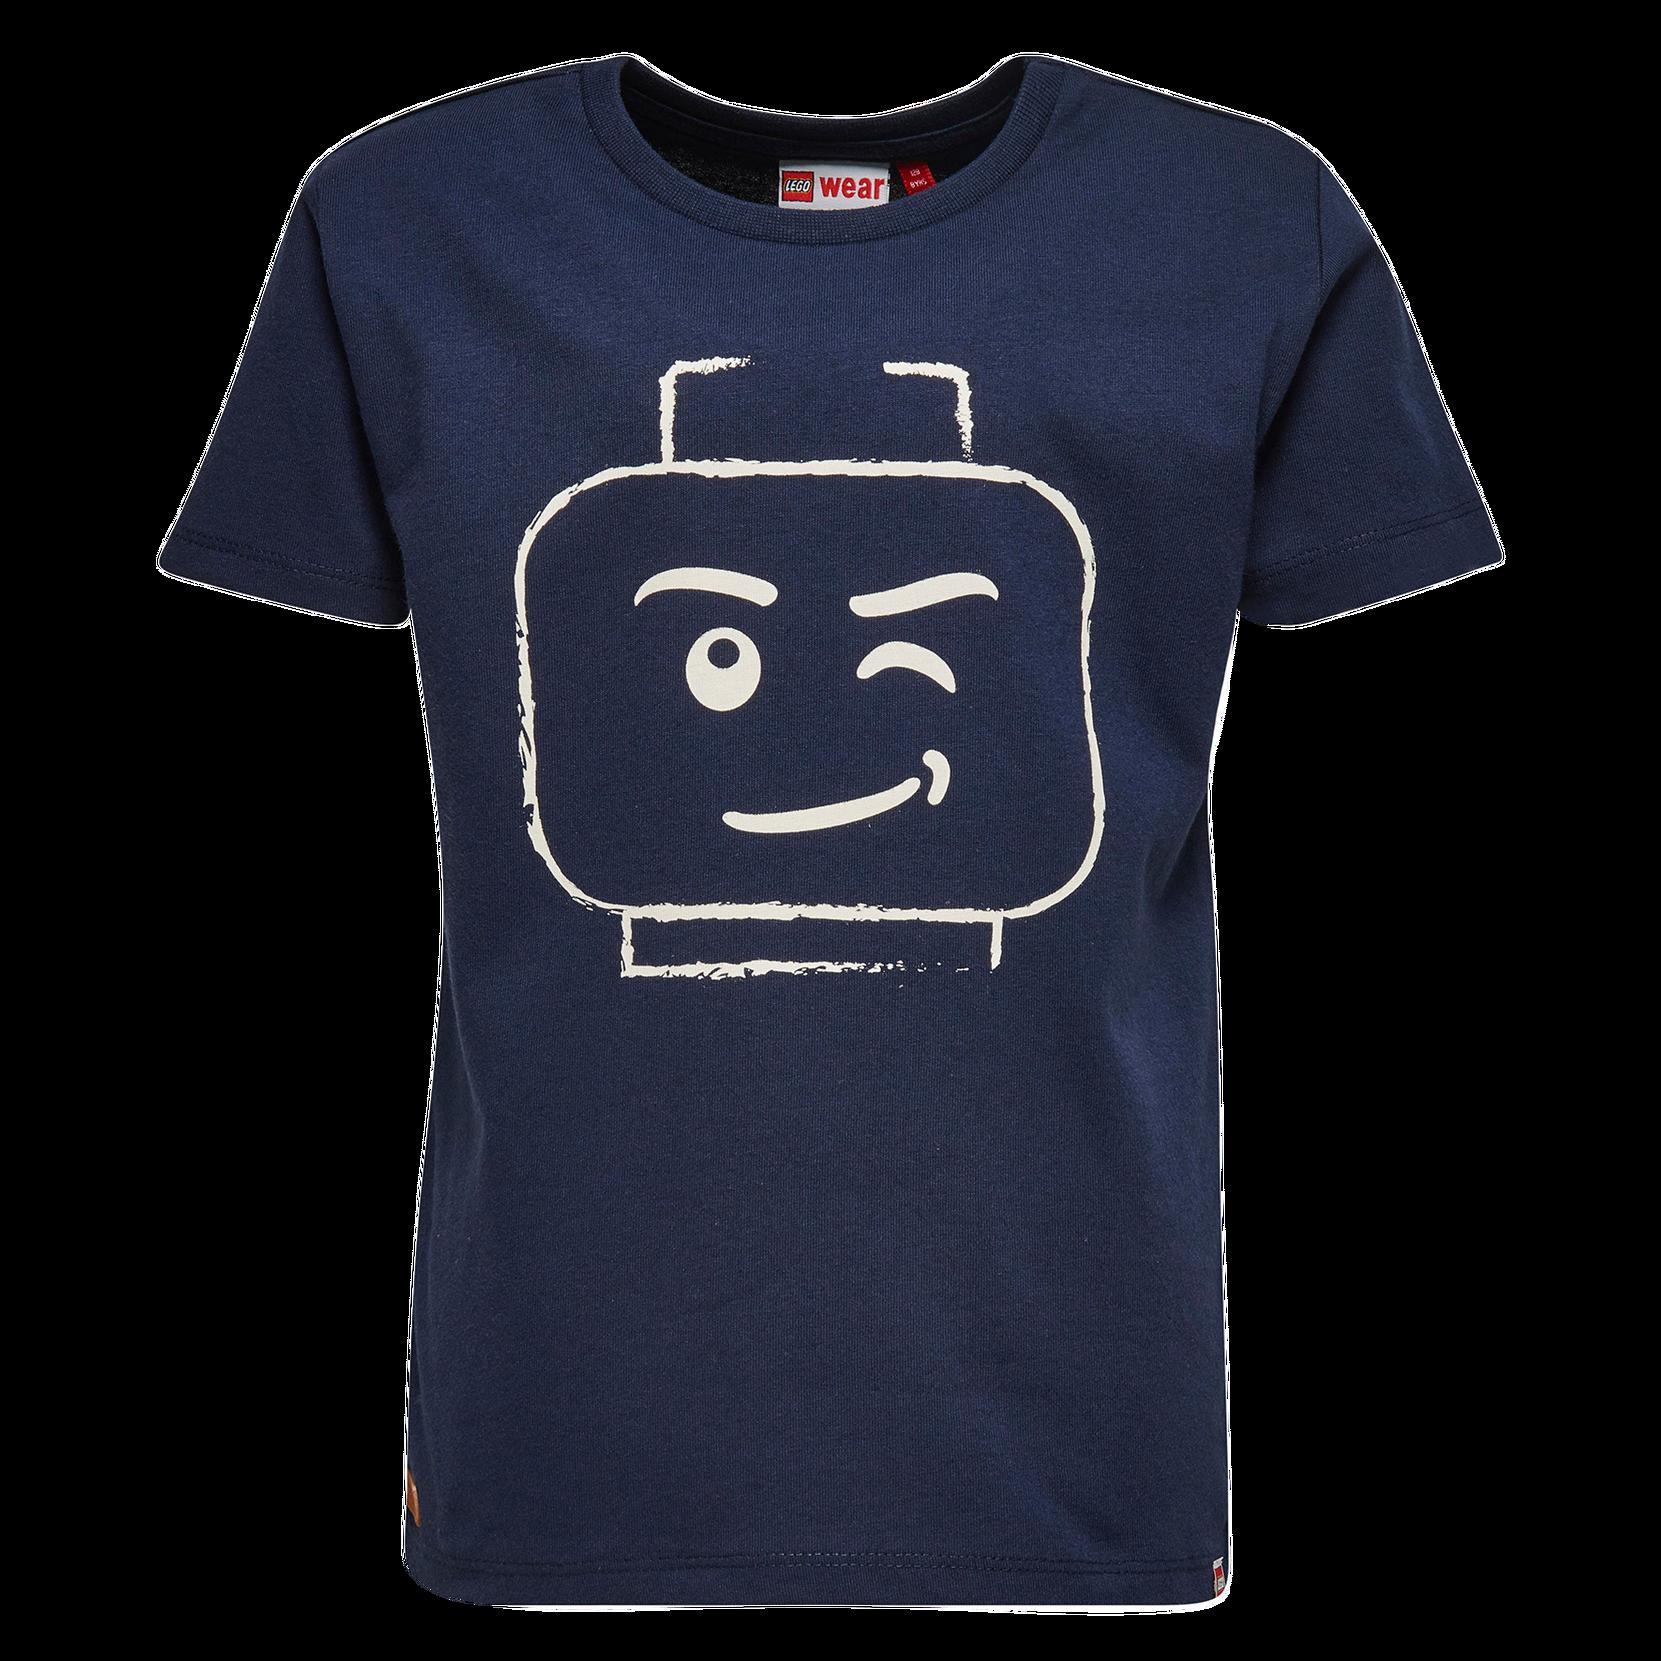 T-shirt Teo 210 LEGO Toppe & tank-toppe til Børn i Mørkeblå